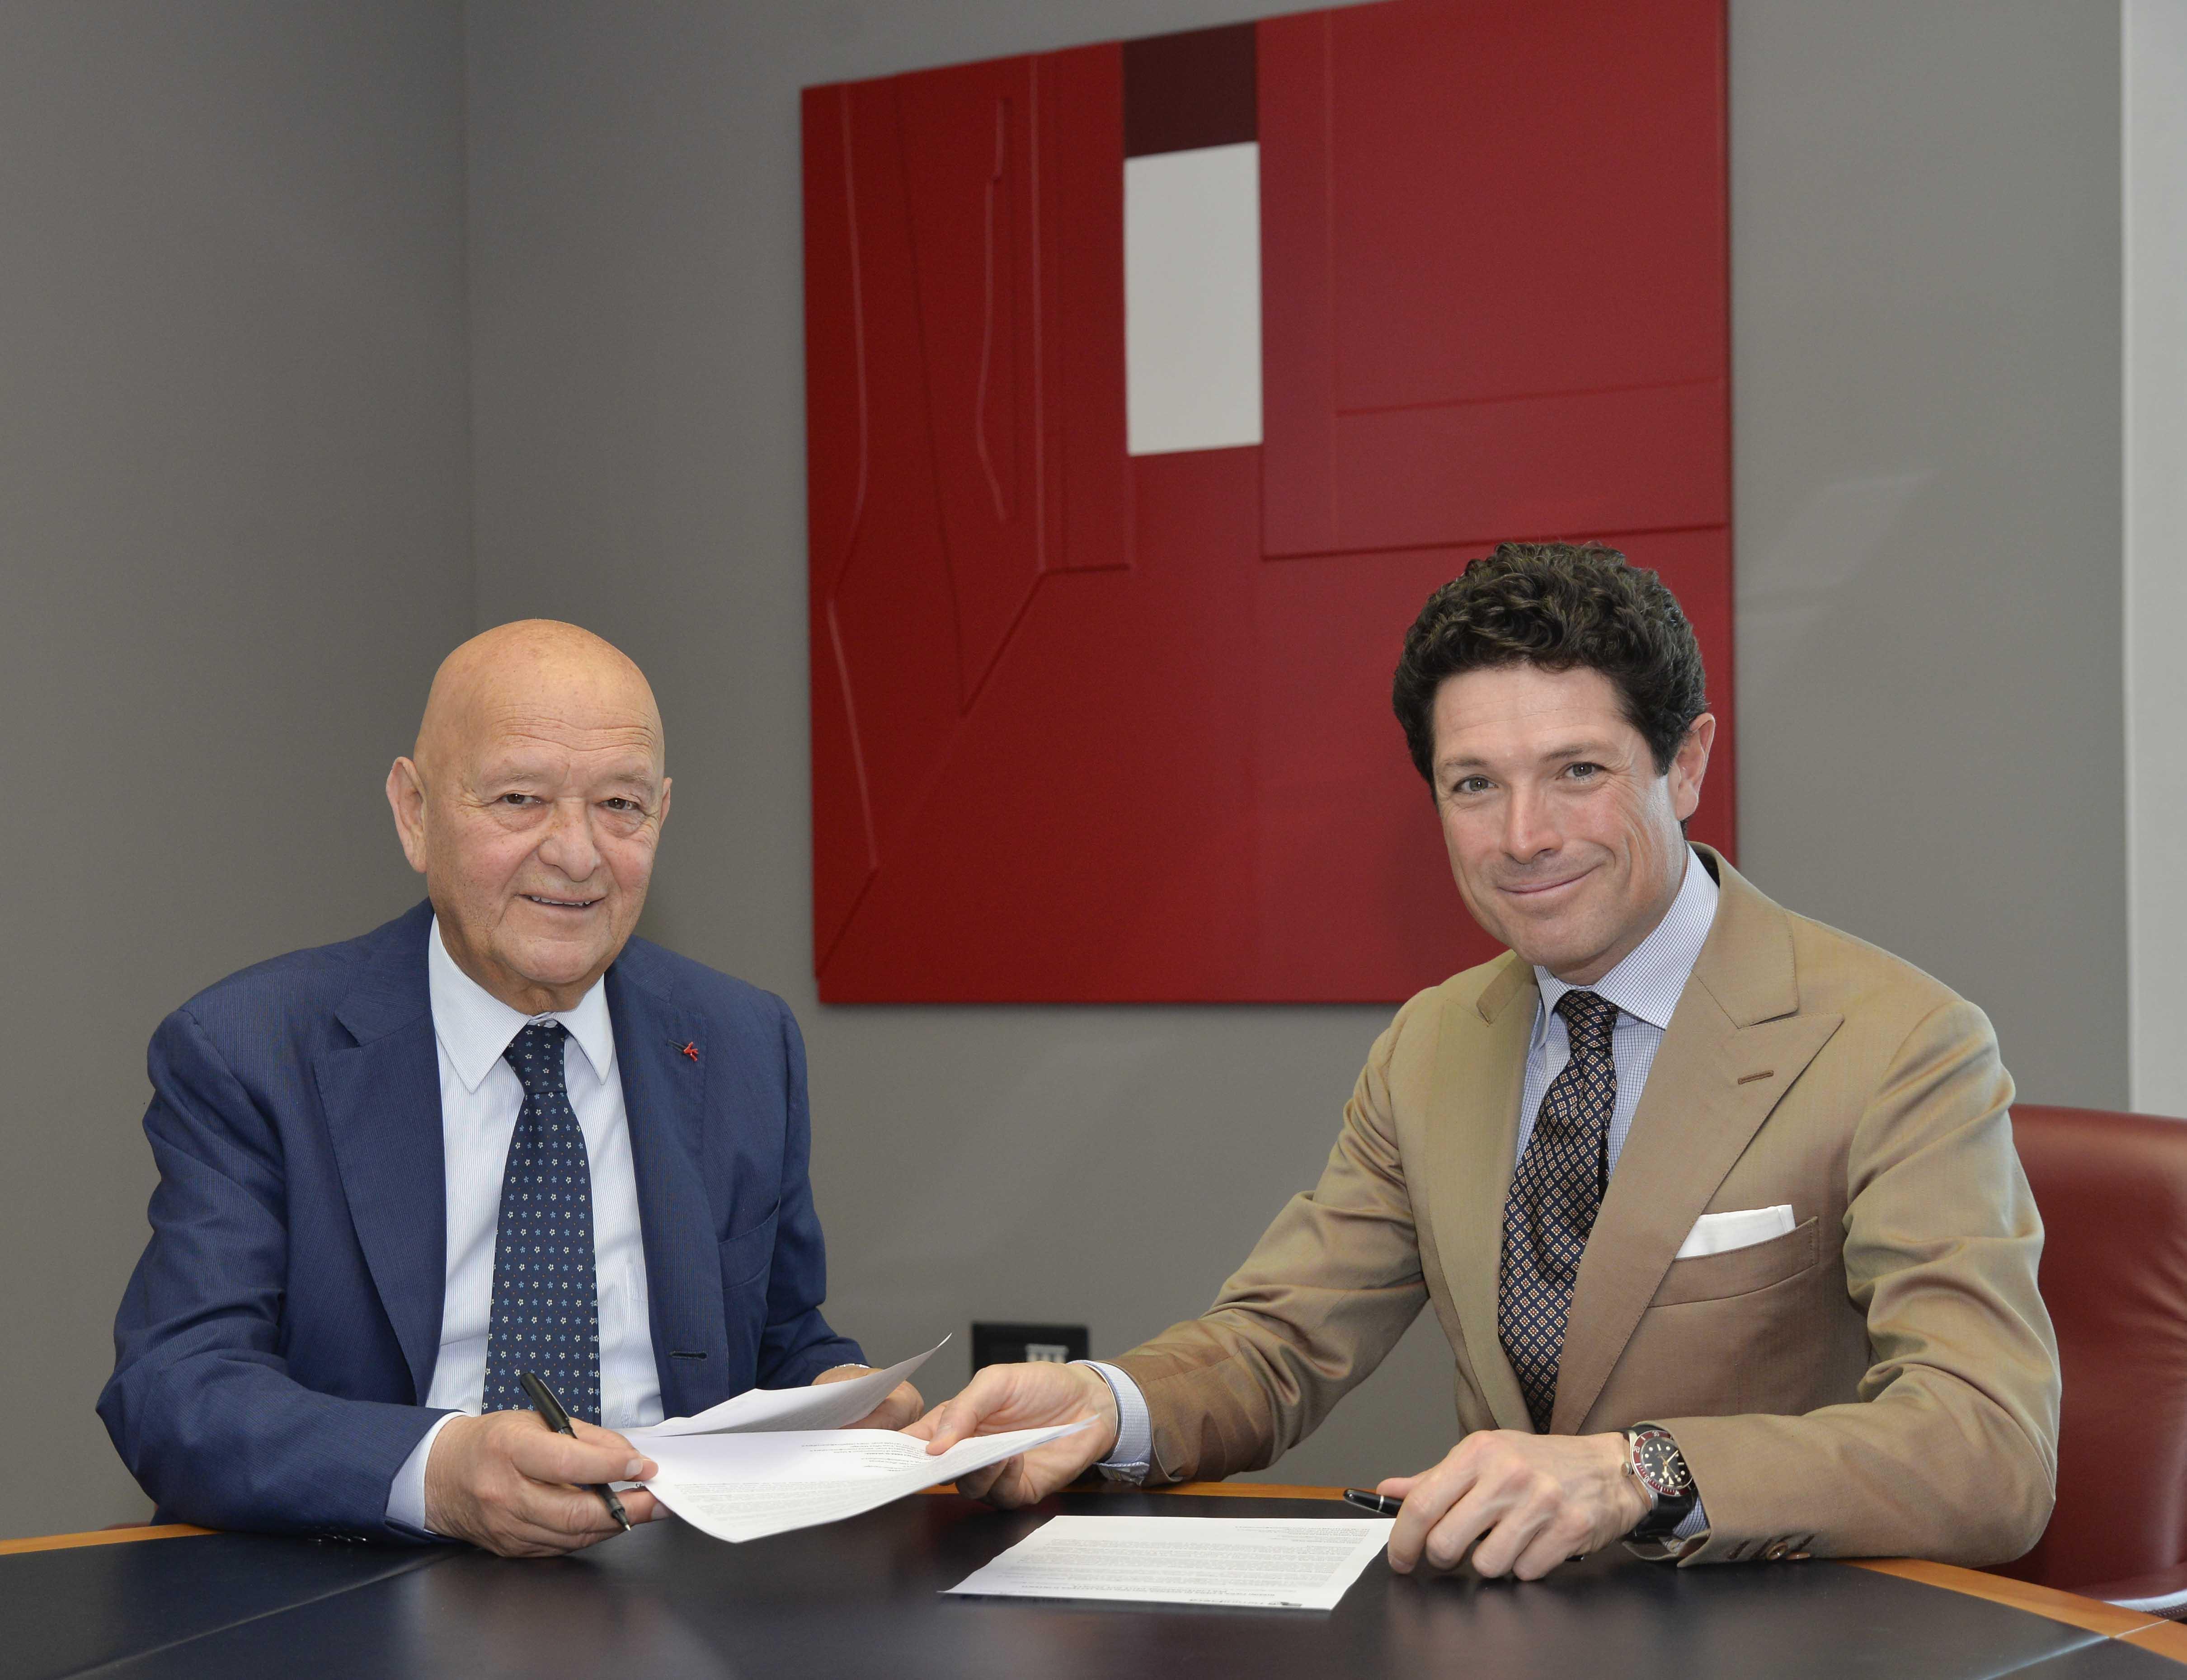 Lorenzo Cagnoni e Matteo Marzotto